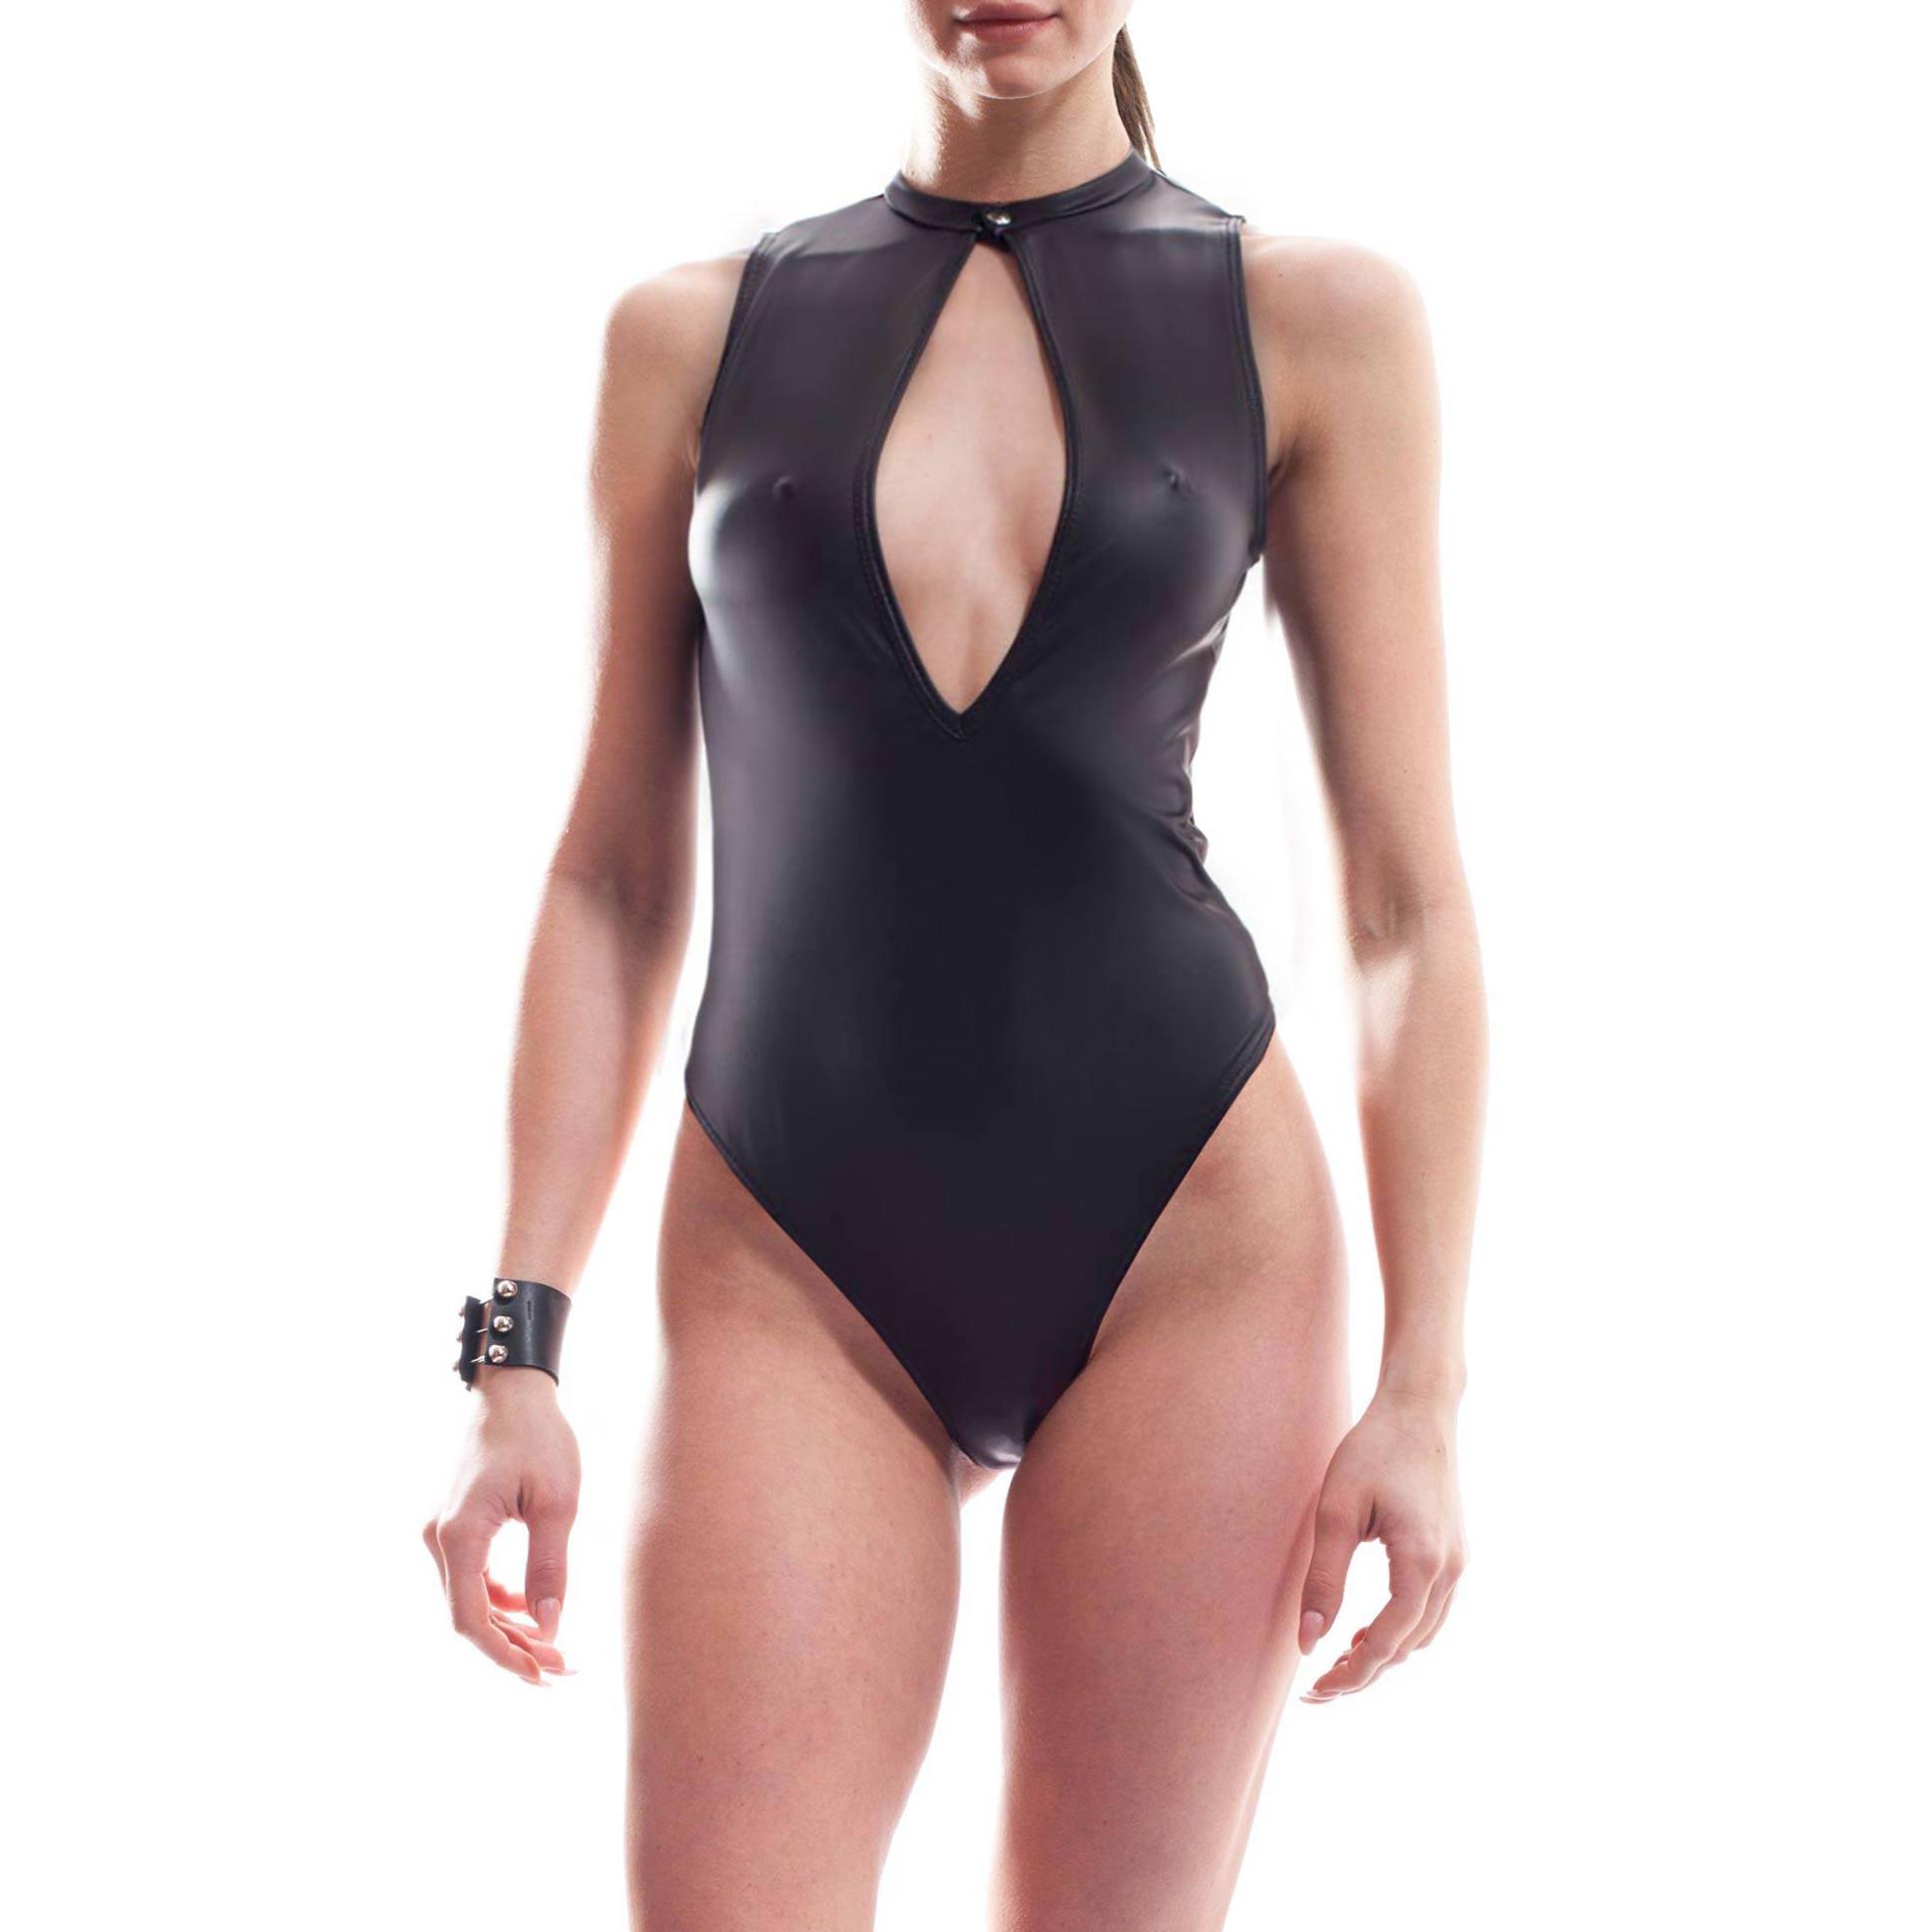 Dieser Frauen Body gehört zu den Wojoer LIVE-Produkten. Sie werden ab Bestellung bei uns produziert. So können wir auf Kundenwünsche individuell eingehen. Größen Erhältlich in den Größen 32-42 Materialzusammensetzung Leatherlike: 92% Polyester | 8% Elasthan Besonderheiten LIVE Produkt | mattes feines Leatherlike | sehr dehnbar |…